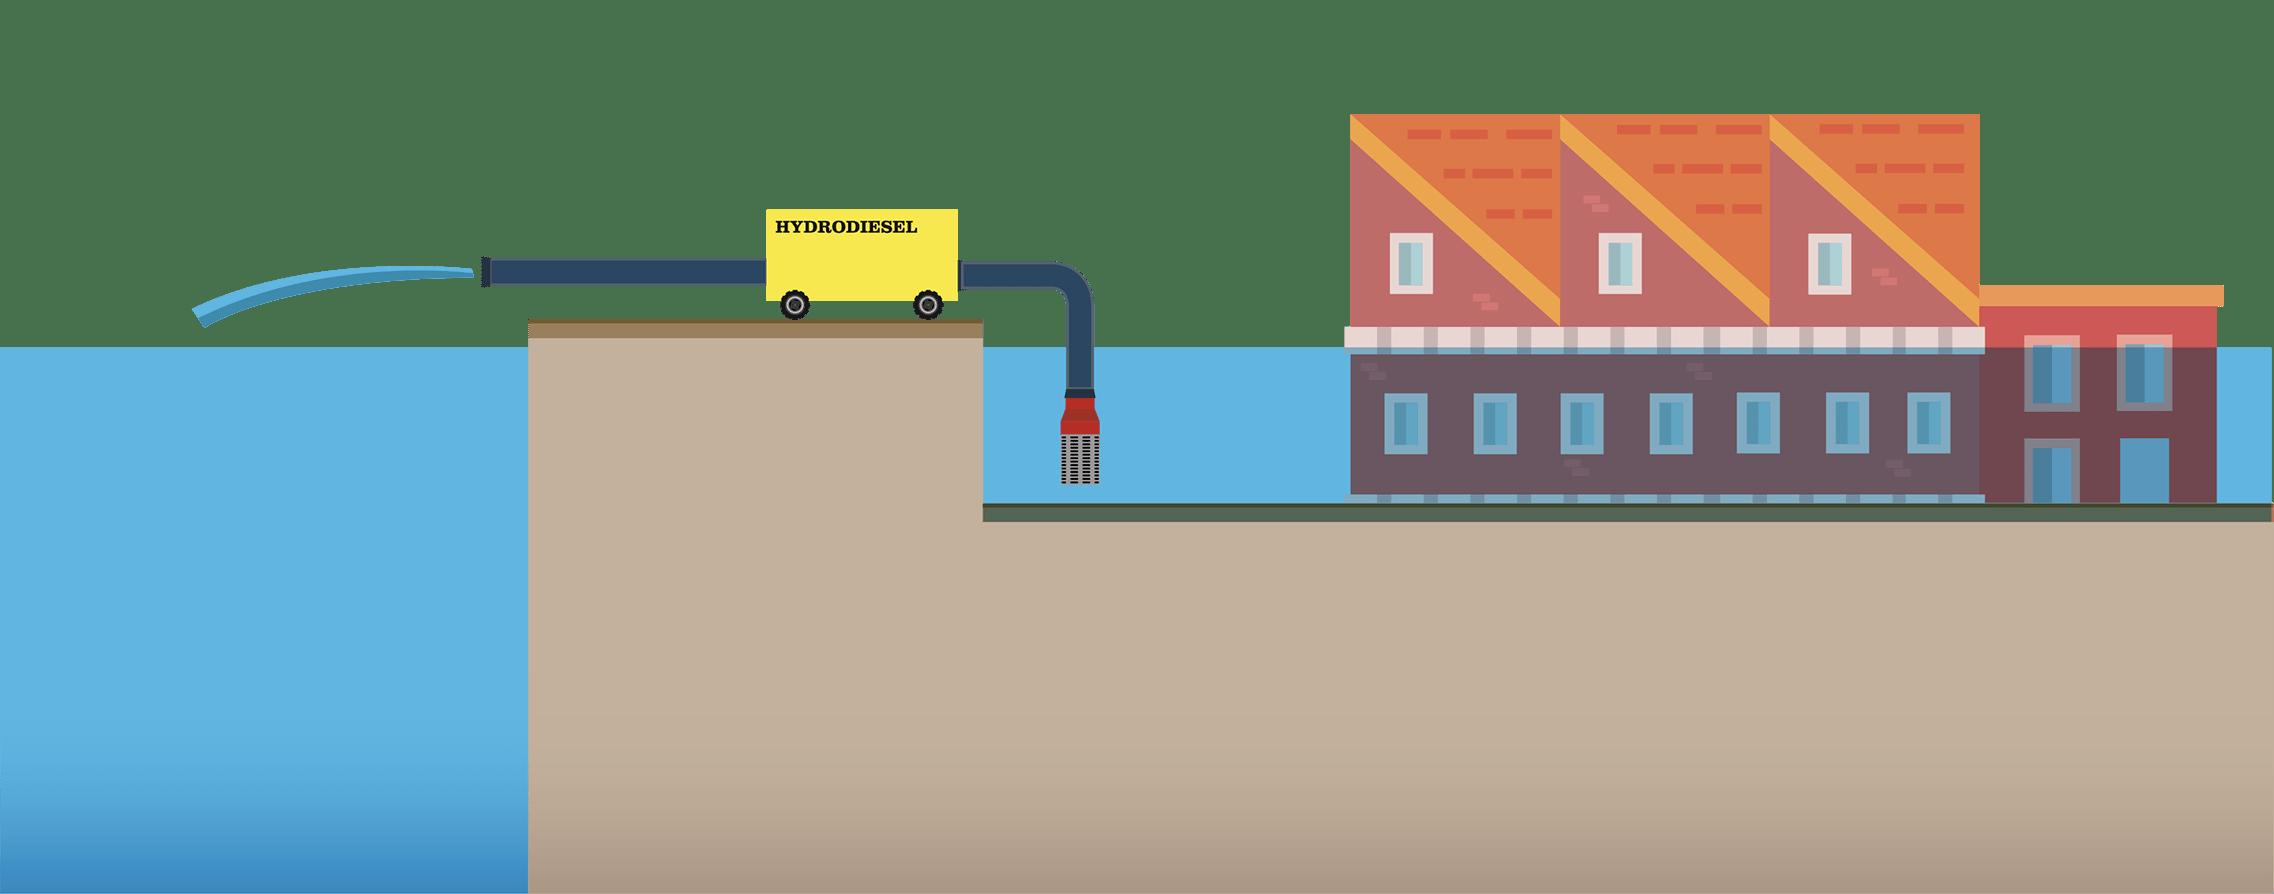 Flood Control Pump Systems